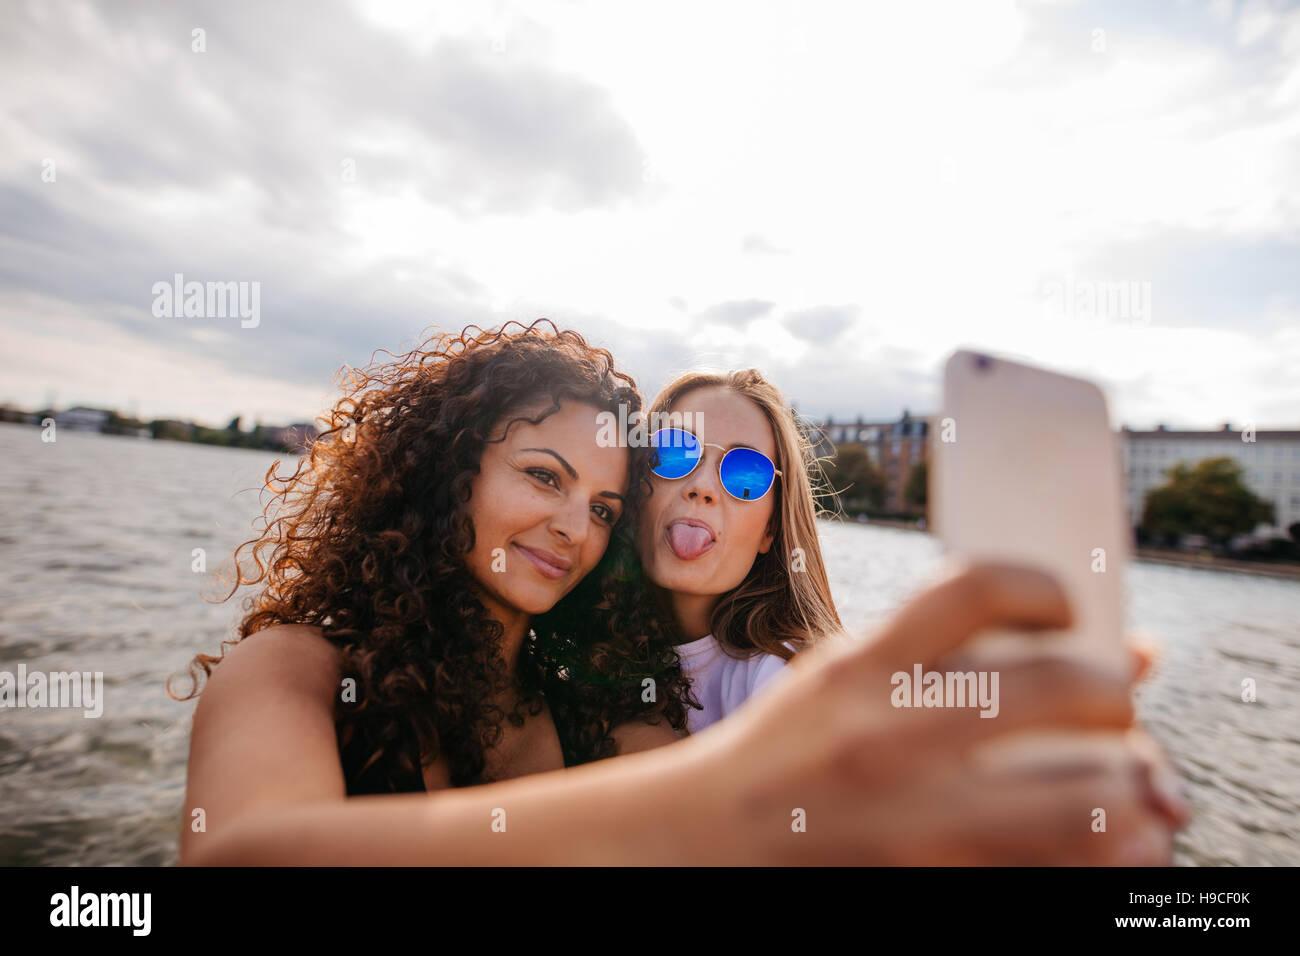 Colpo di ragazze adolescenti tenendo selfie con smart phone dal lago. Uno spuntavano lingua con altra azienda telefono Immagini Stock